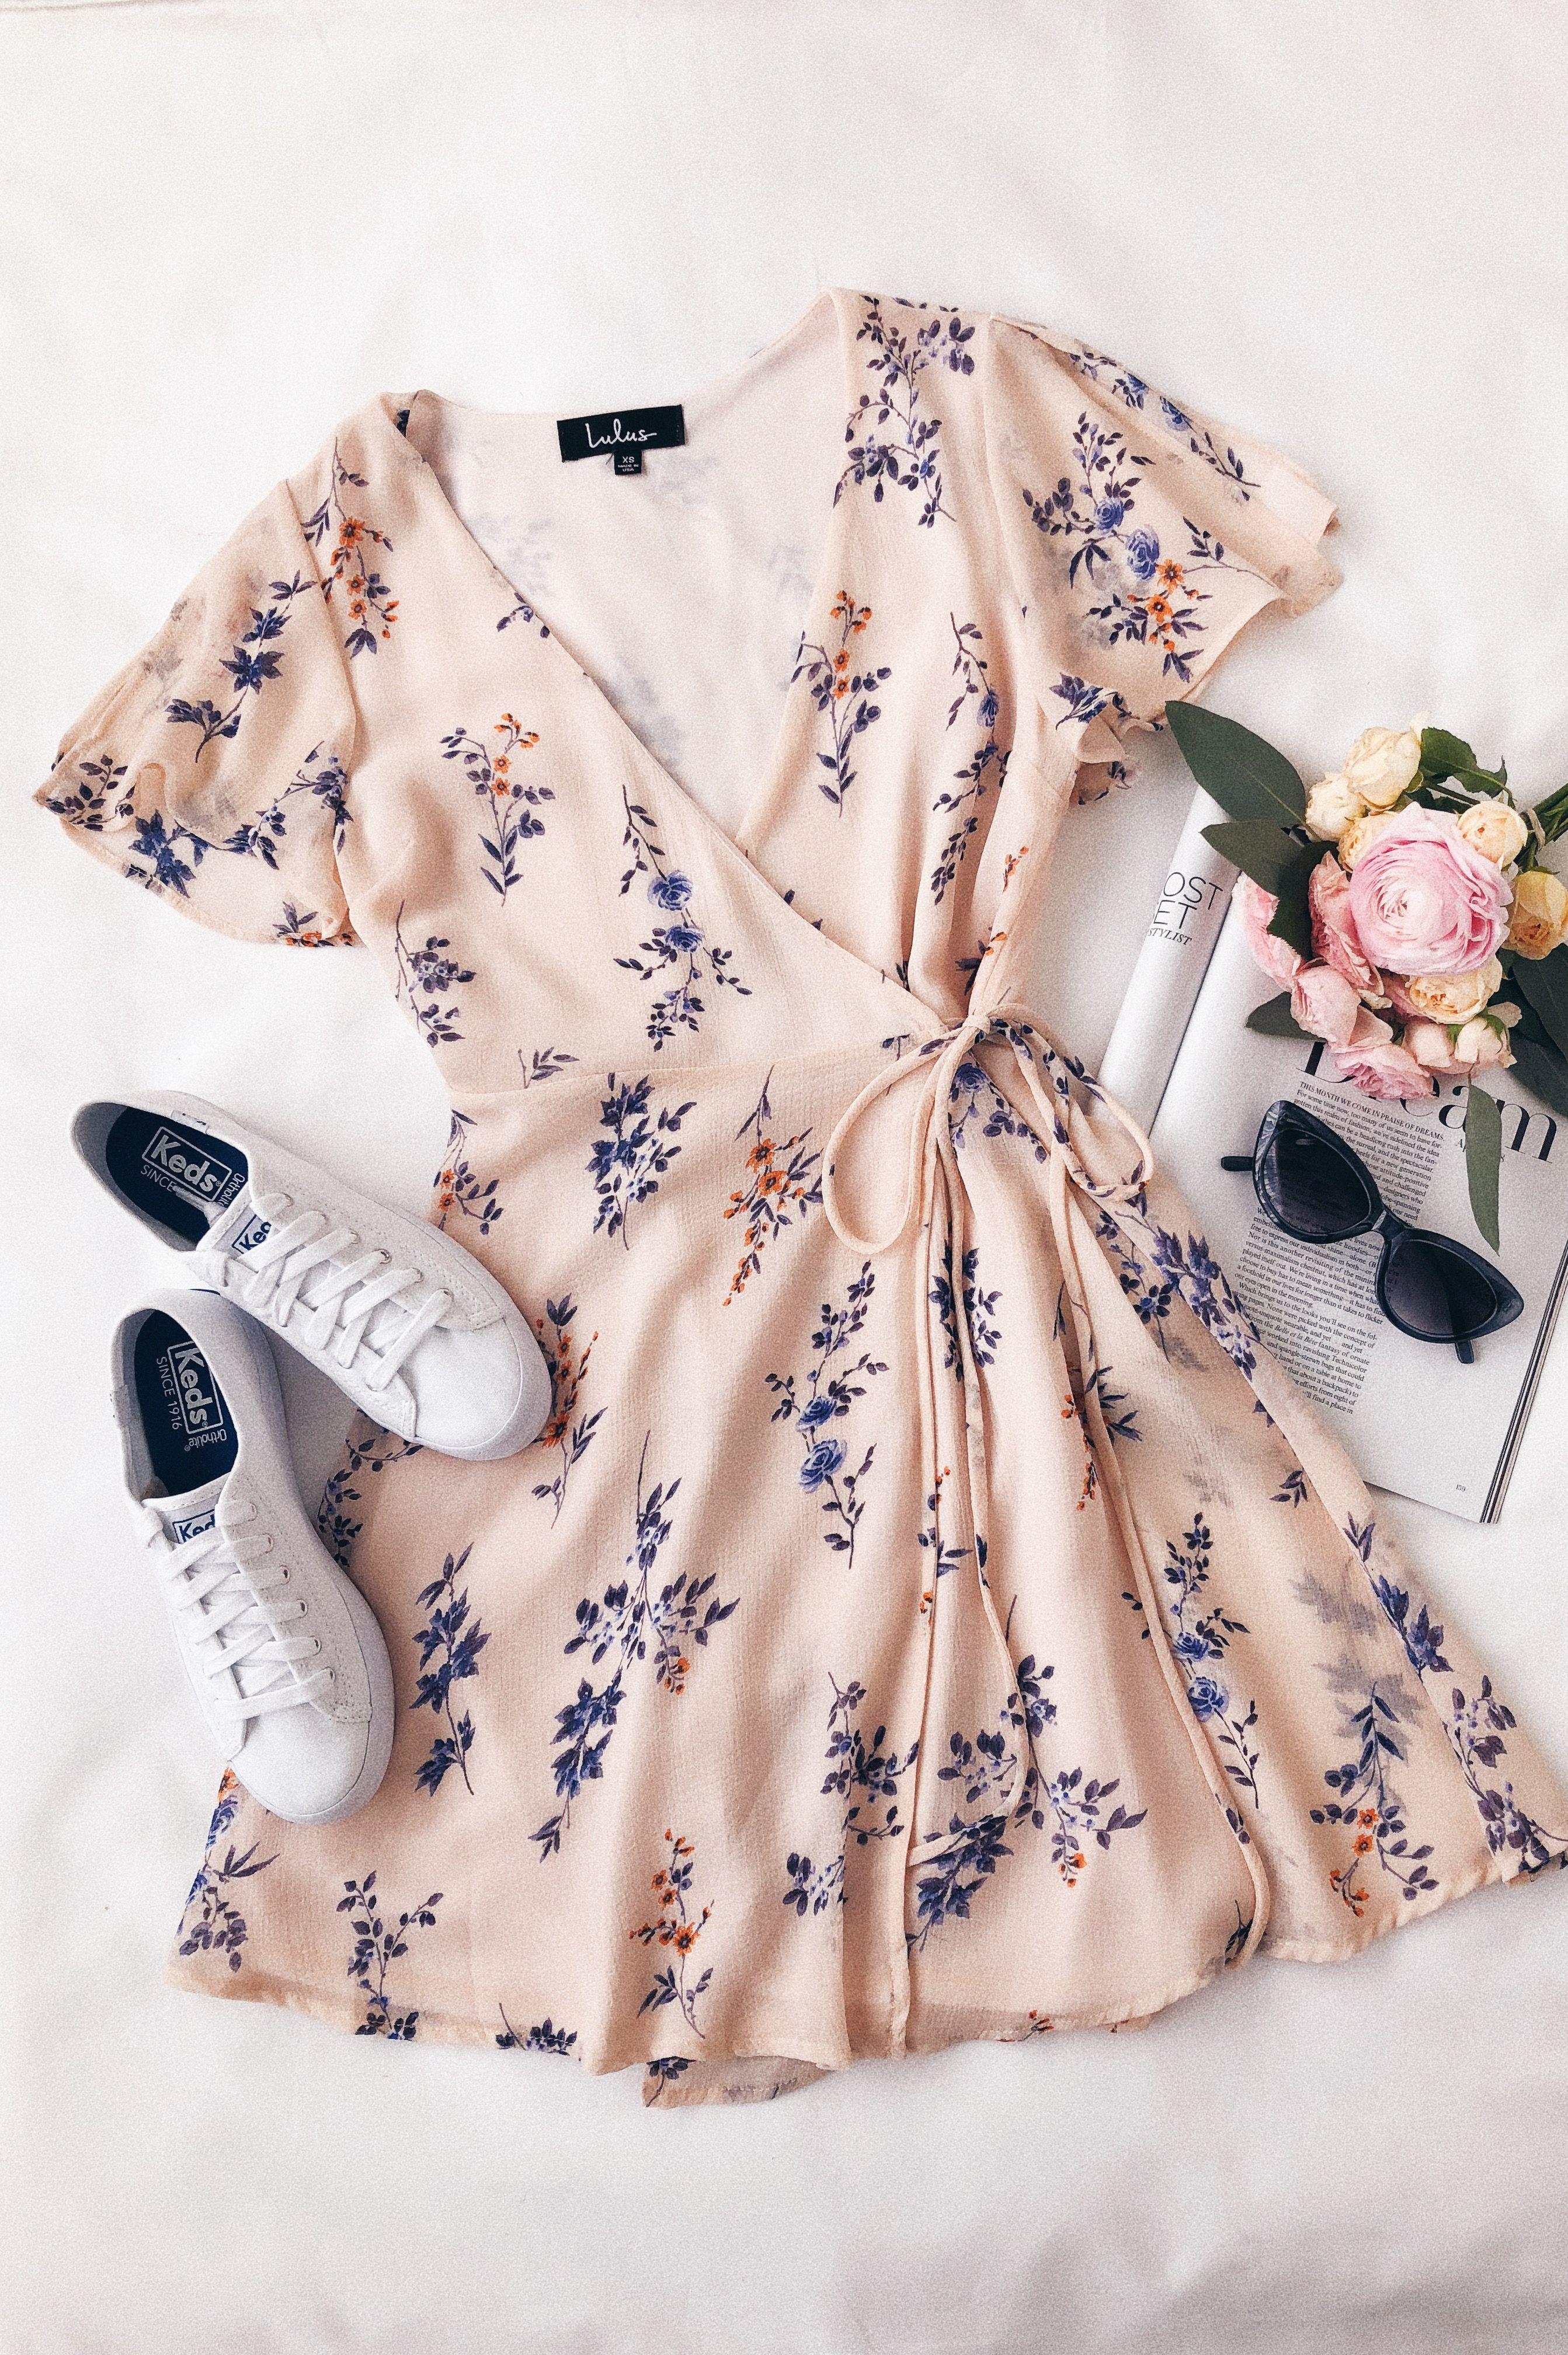 Tumblr Floral Print Dresses Fashion Dresses